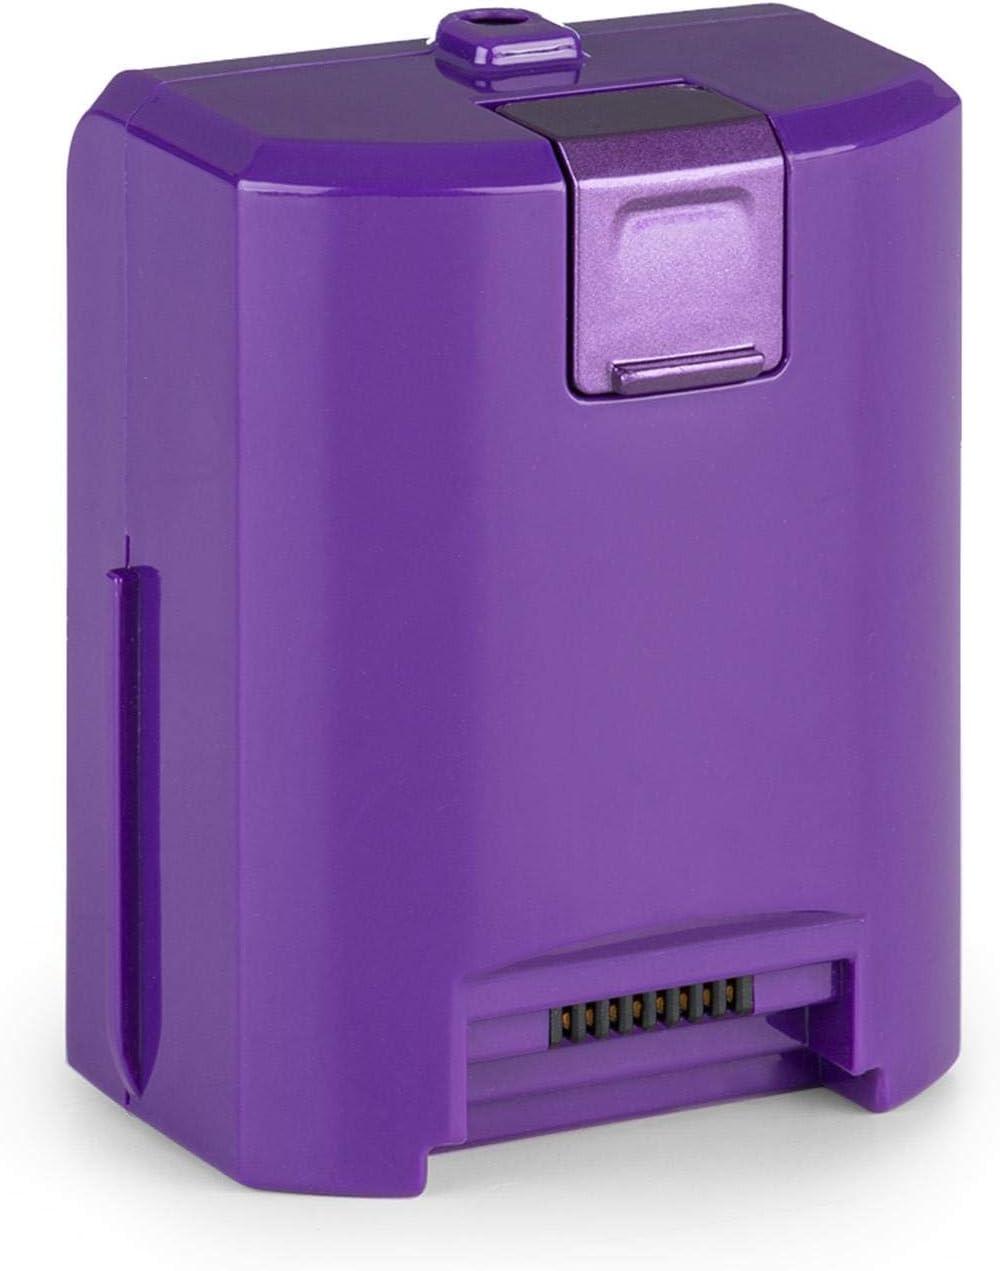 Oneconcept cleanFree Aspiradora con batería - Batería de iones de litio, violeta: Amazon.es: Hogar